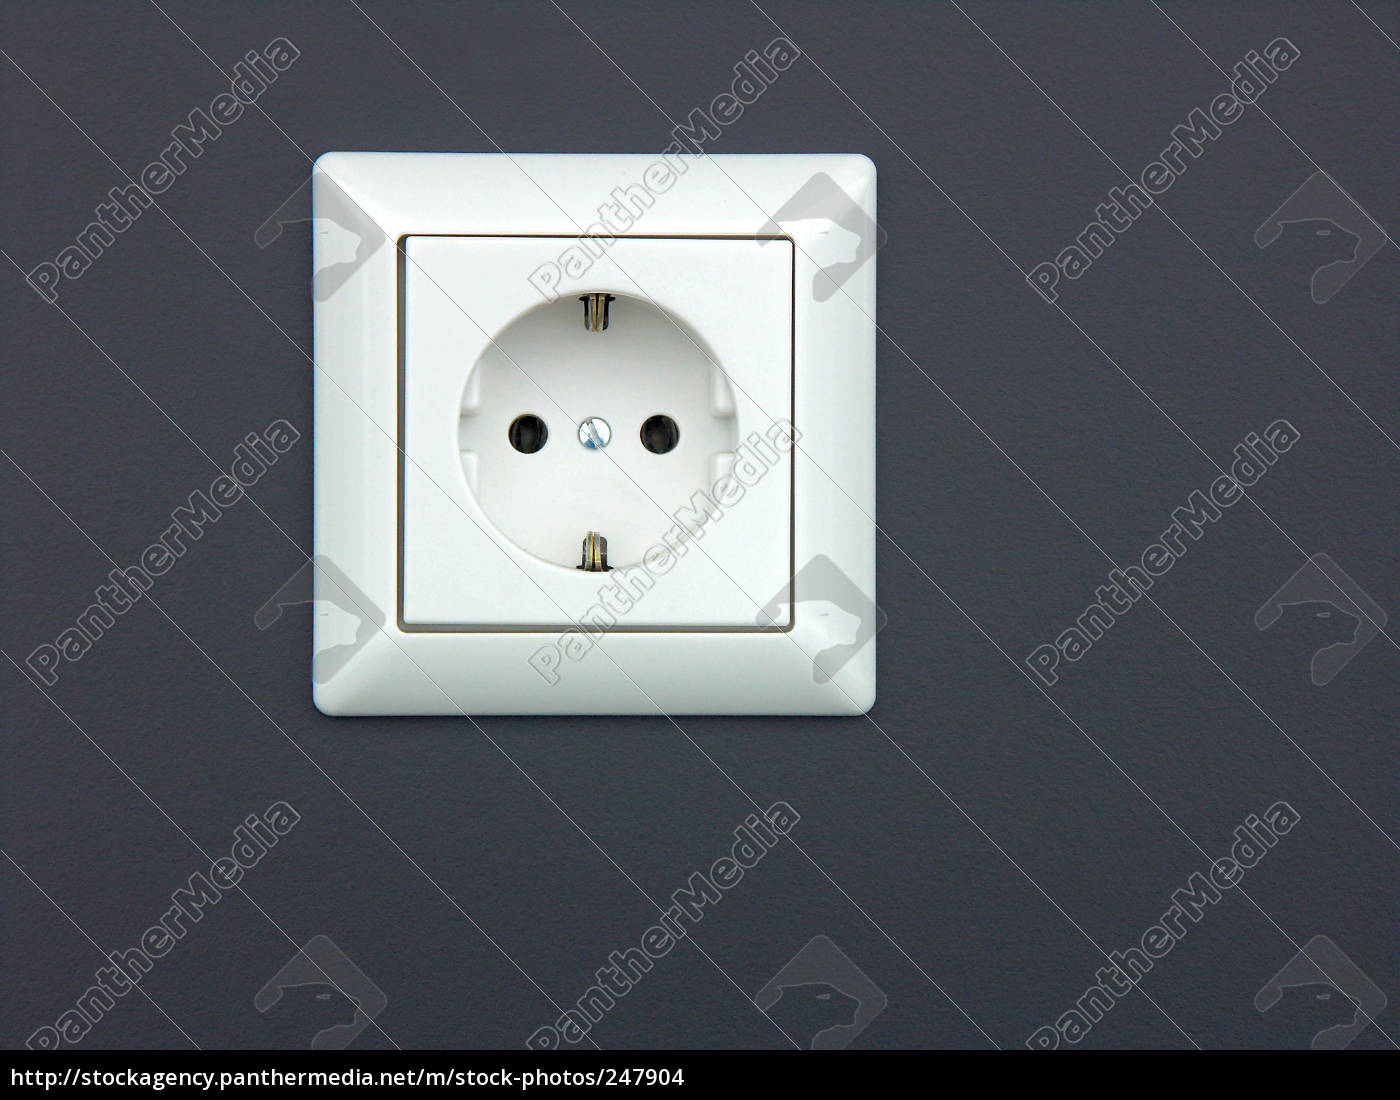 socket - 247904